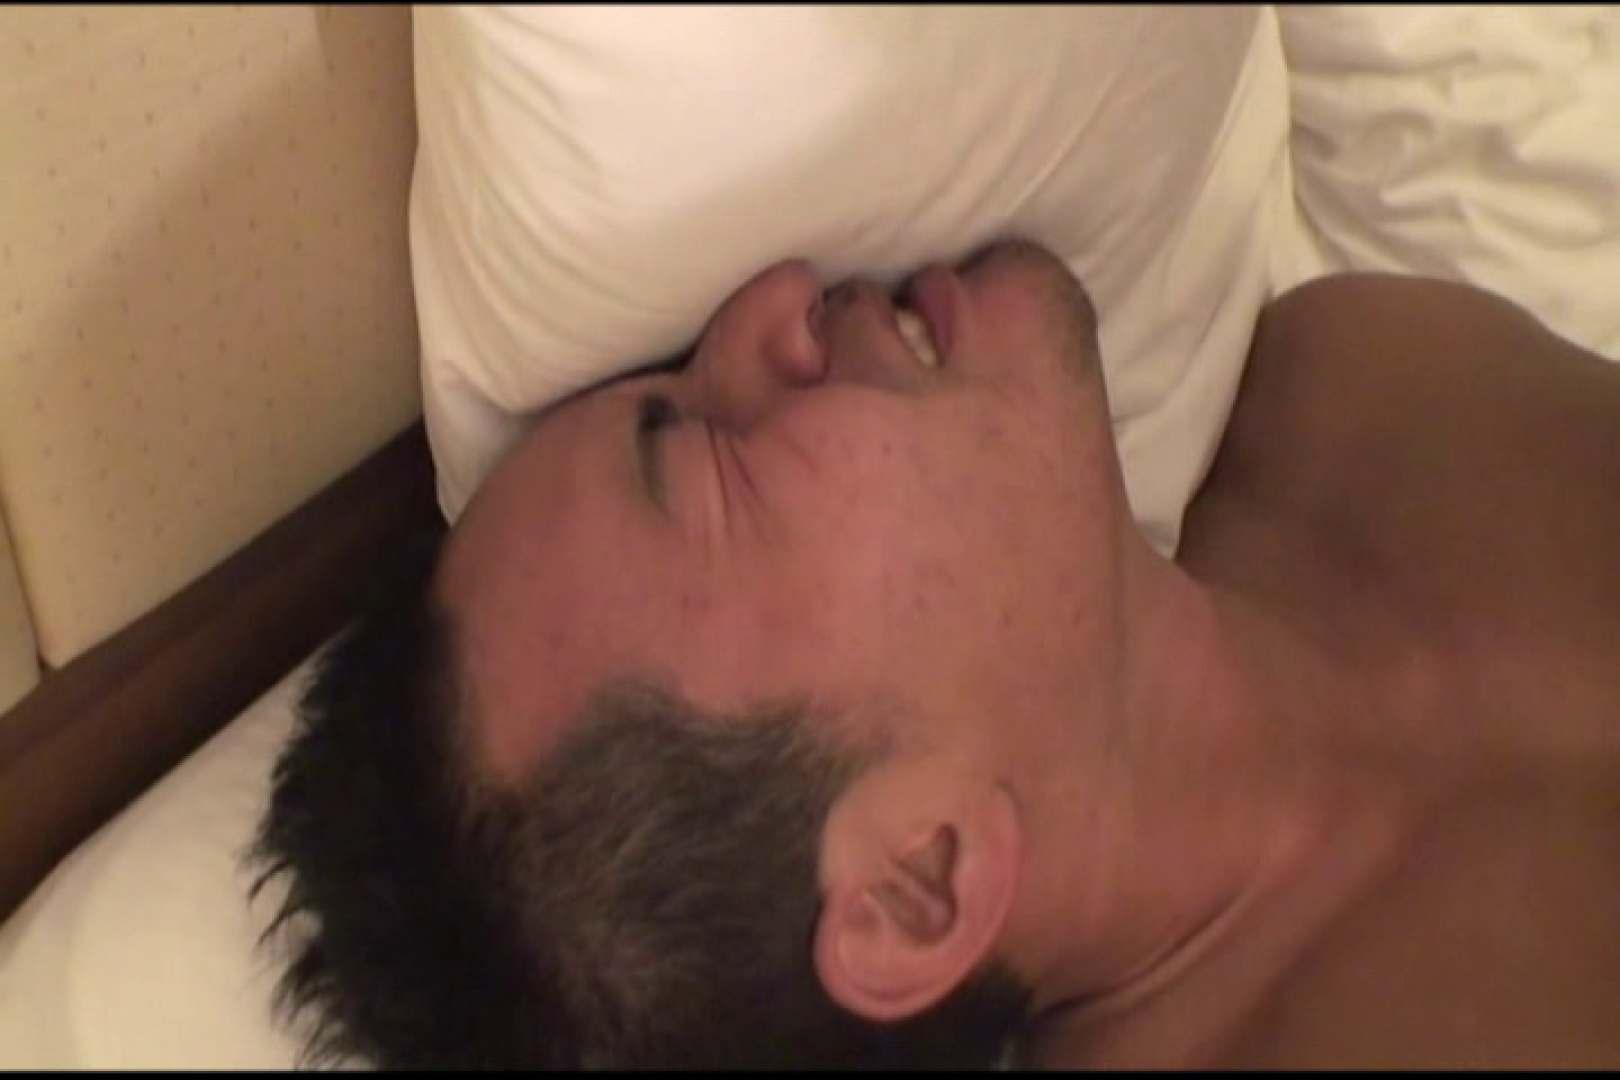 短髪ラガーマン風男子、乳首を舐められ悶絶顔 サル系な男たち ゲイエロビデオ画像 84連発 61